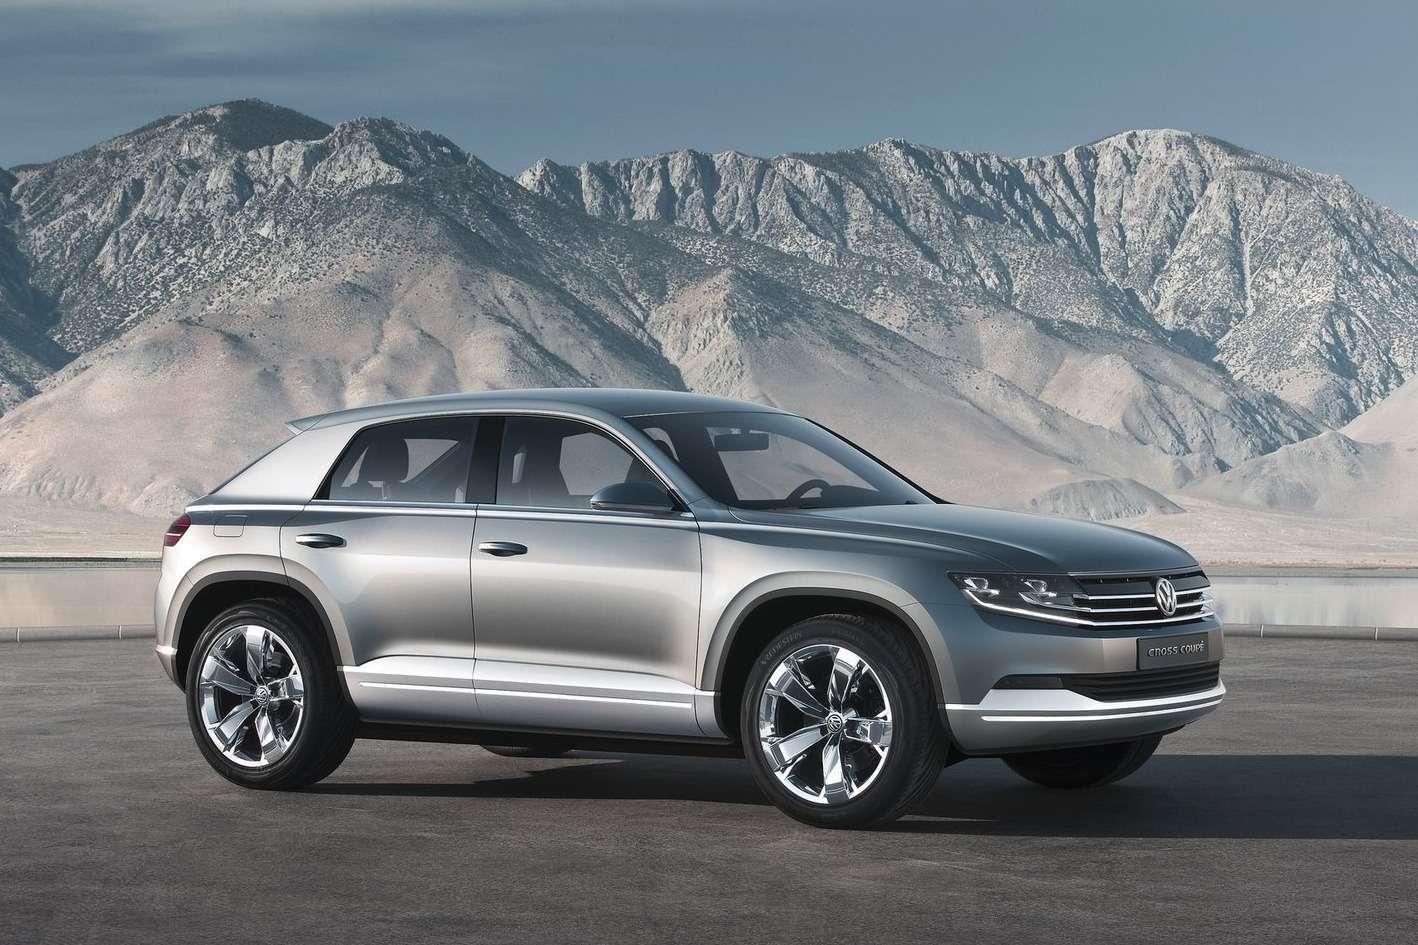 Volkswagen-Cross_Coupe_Concept_2011_1600x1200_wallpaper_06